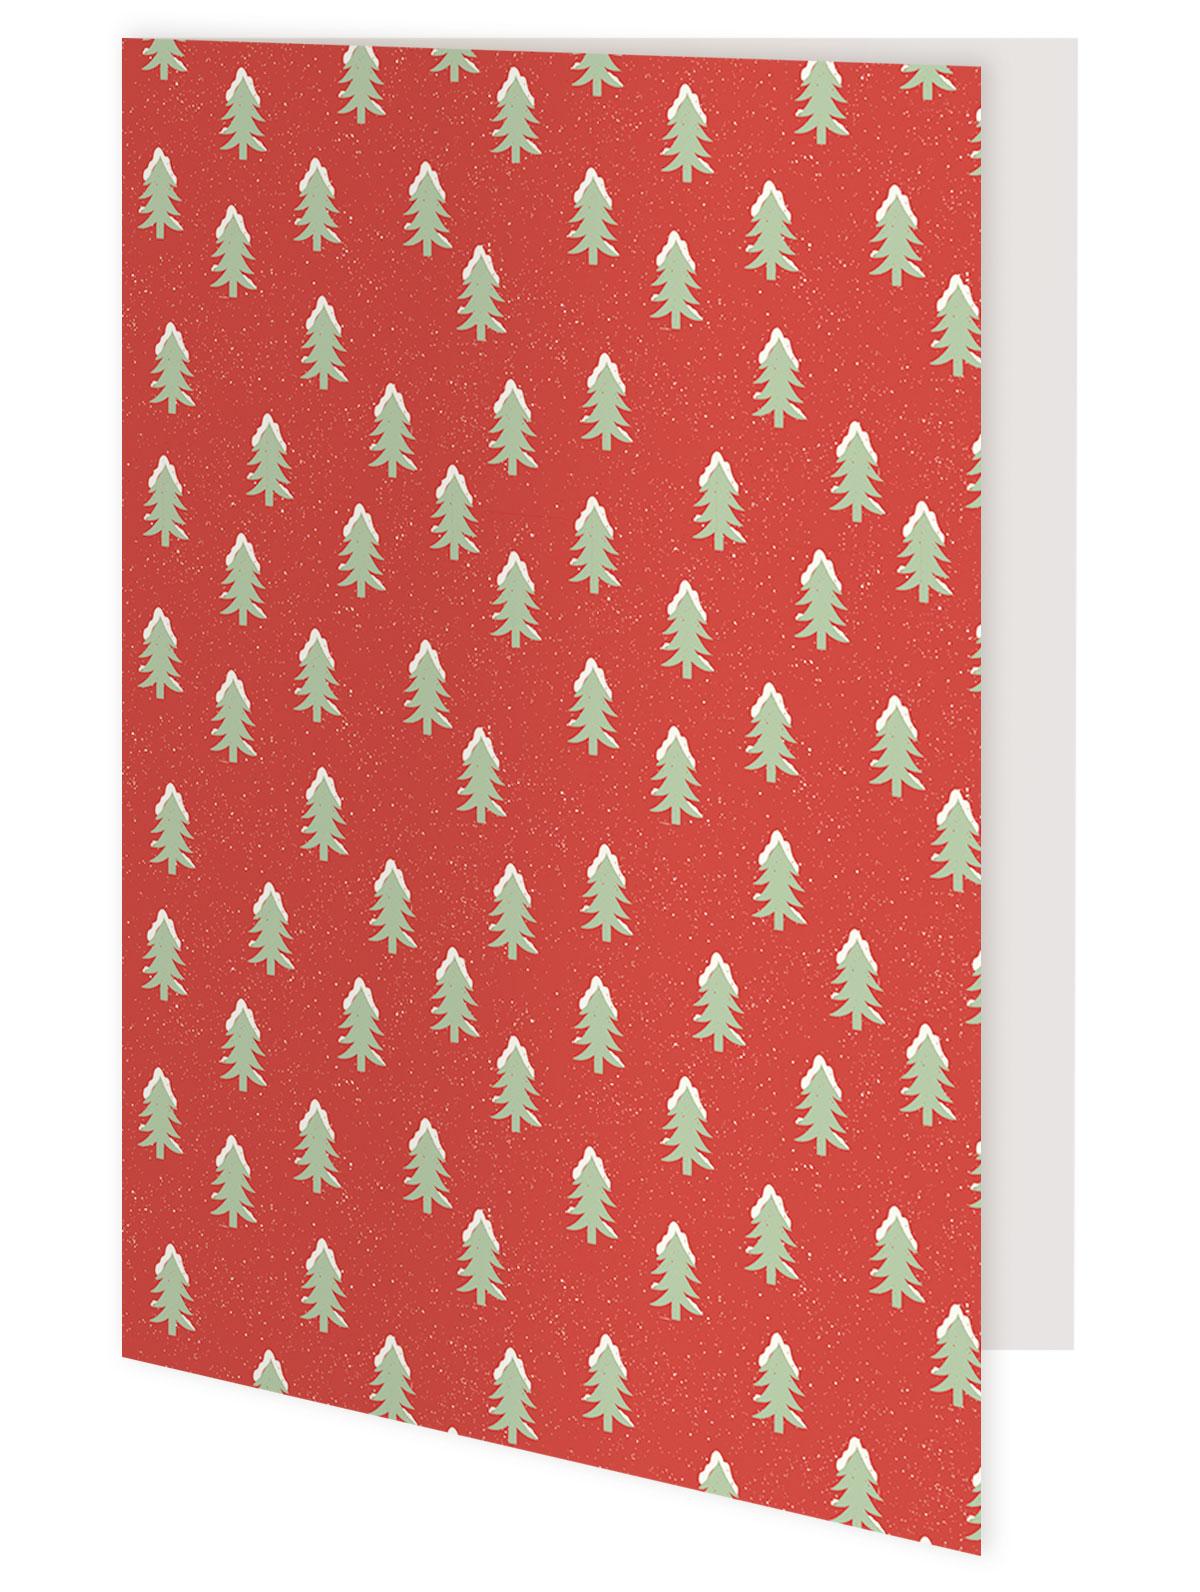 Weihnachten & Hüttenzauber‹ Papeterie - LAZY DAY paper - Papeterie